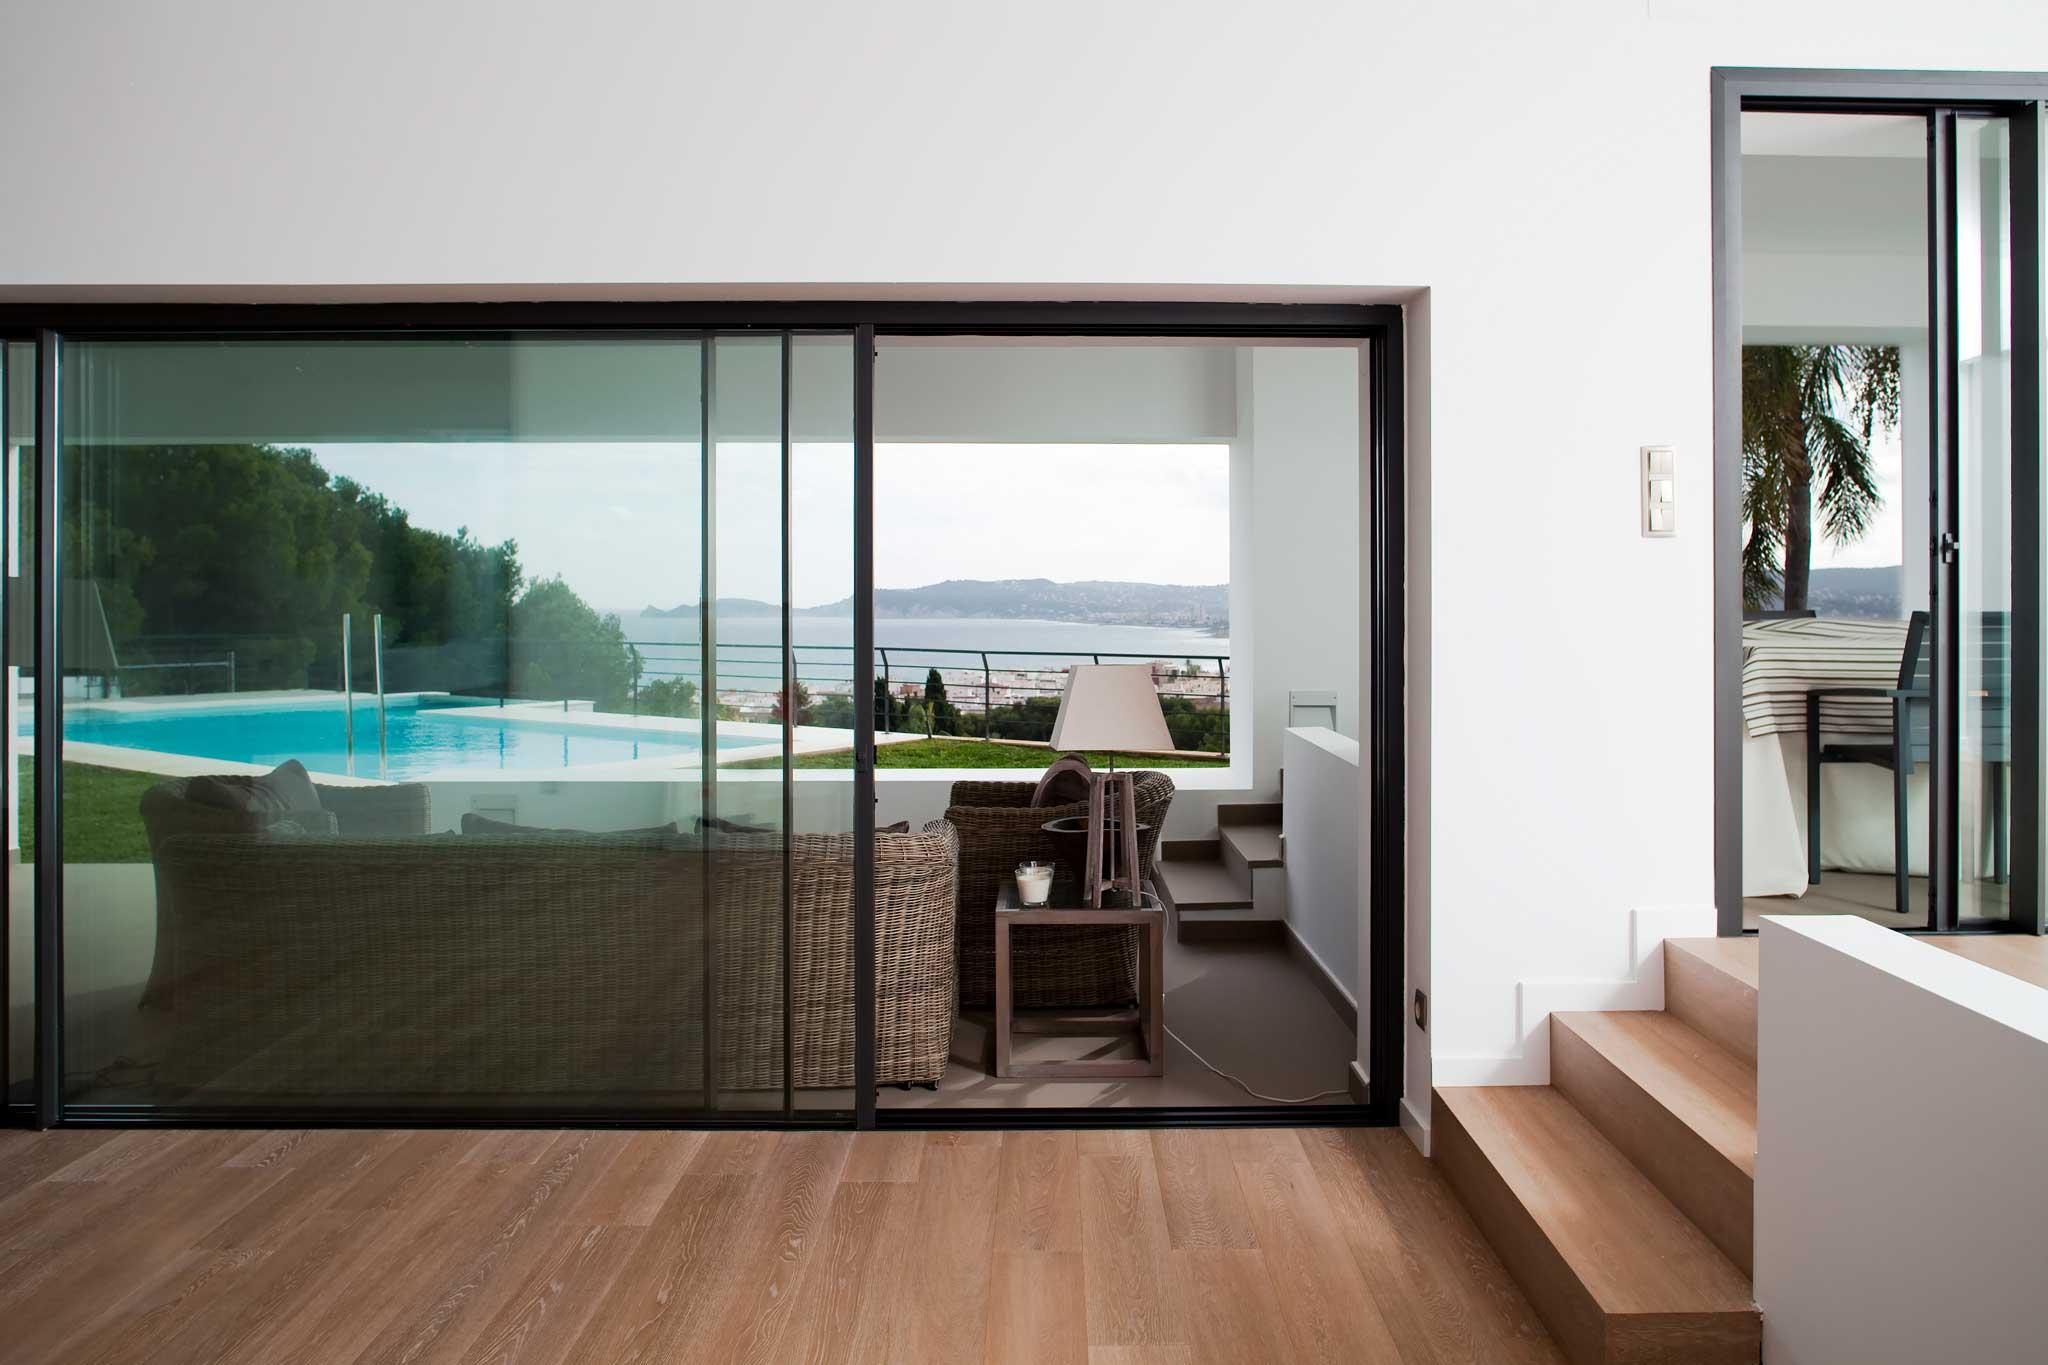 aluminium patio doors surrey london